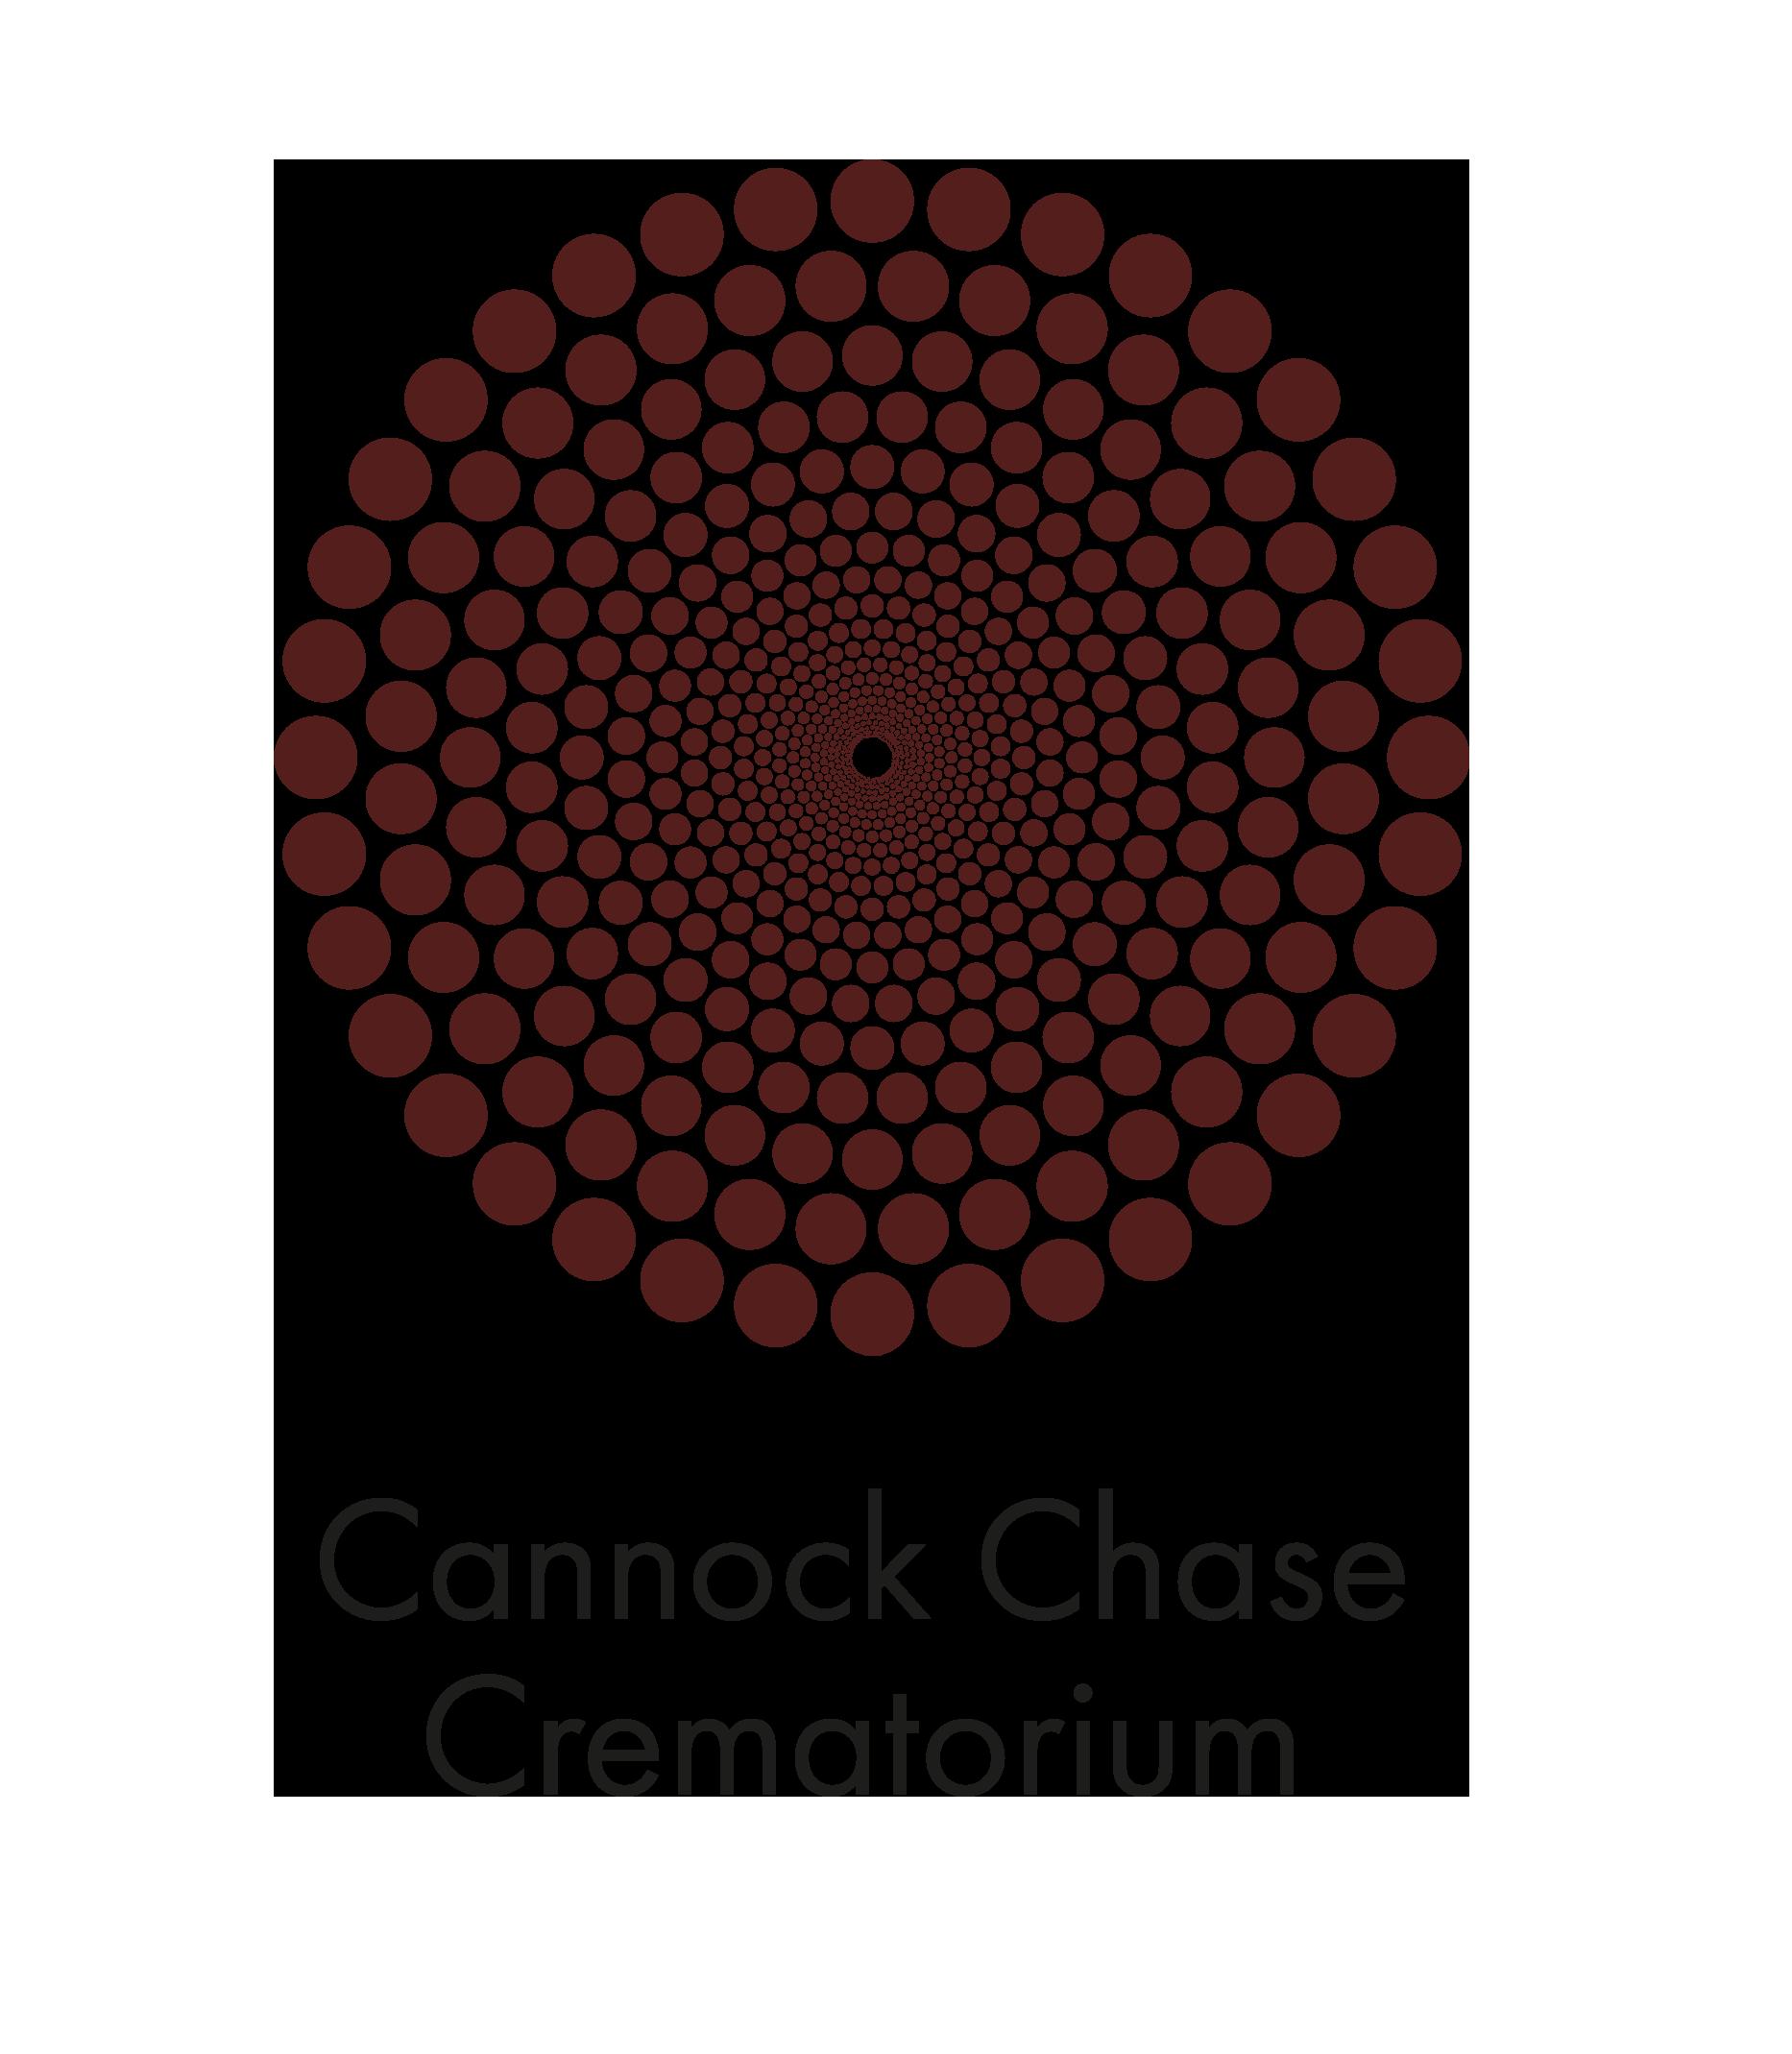 Cannock Chase Crematorium